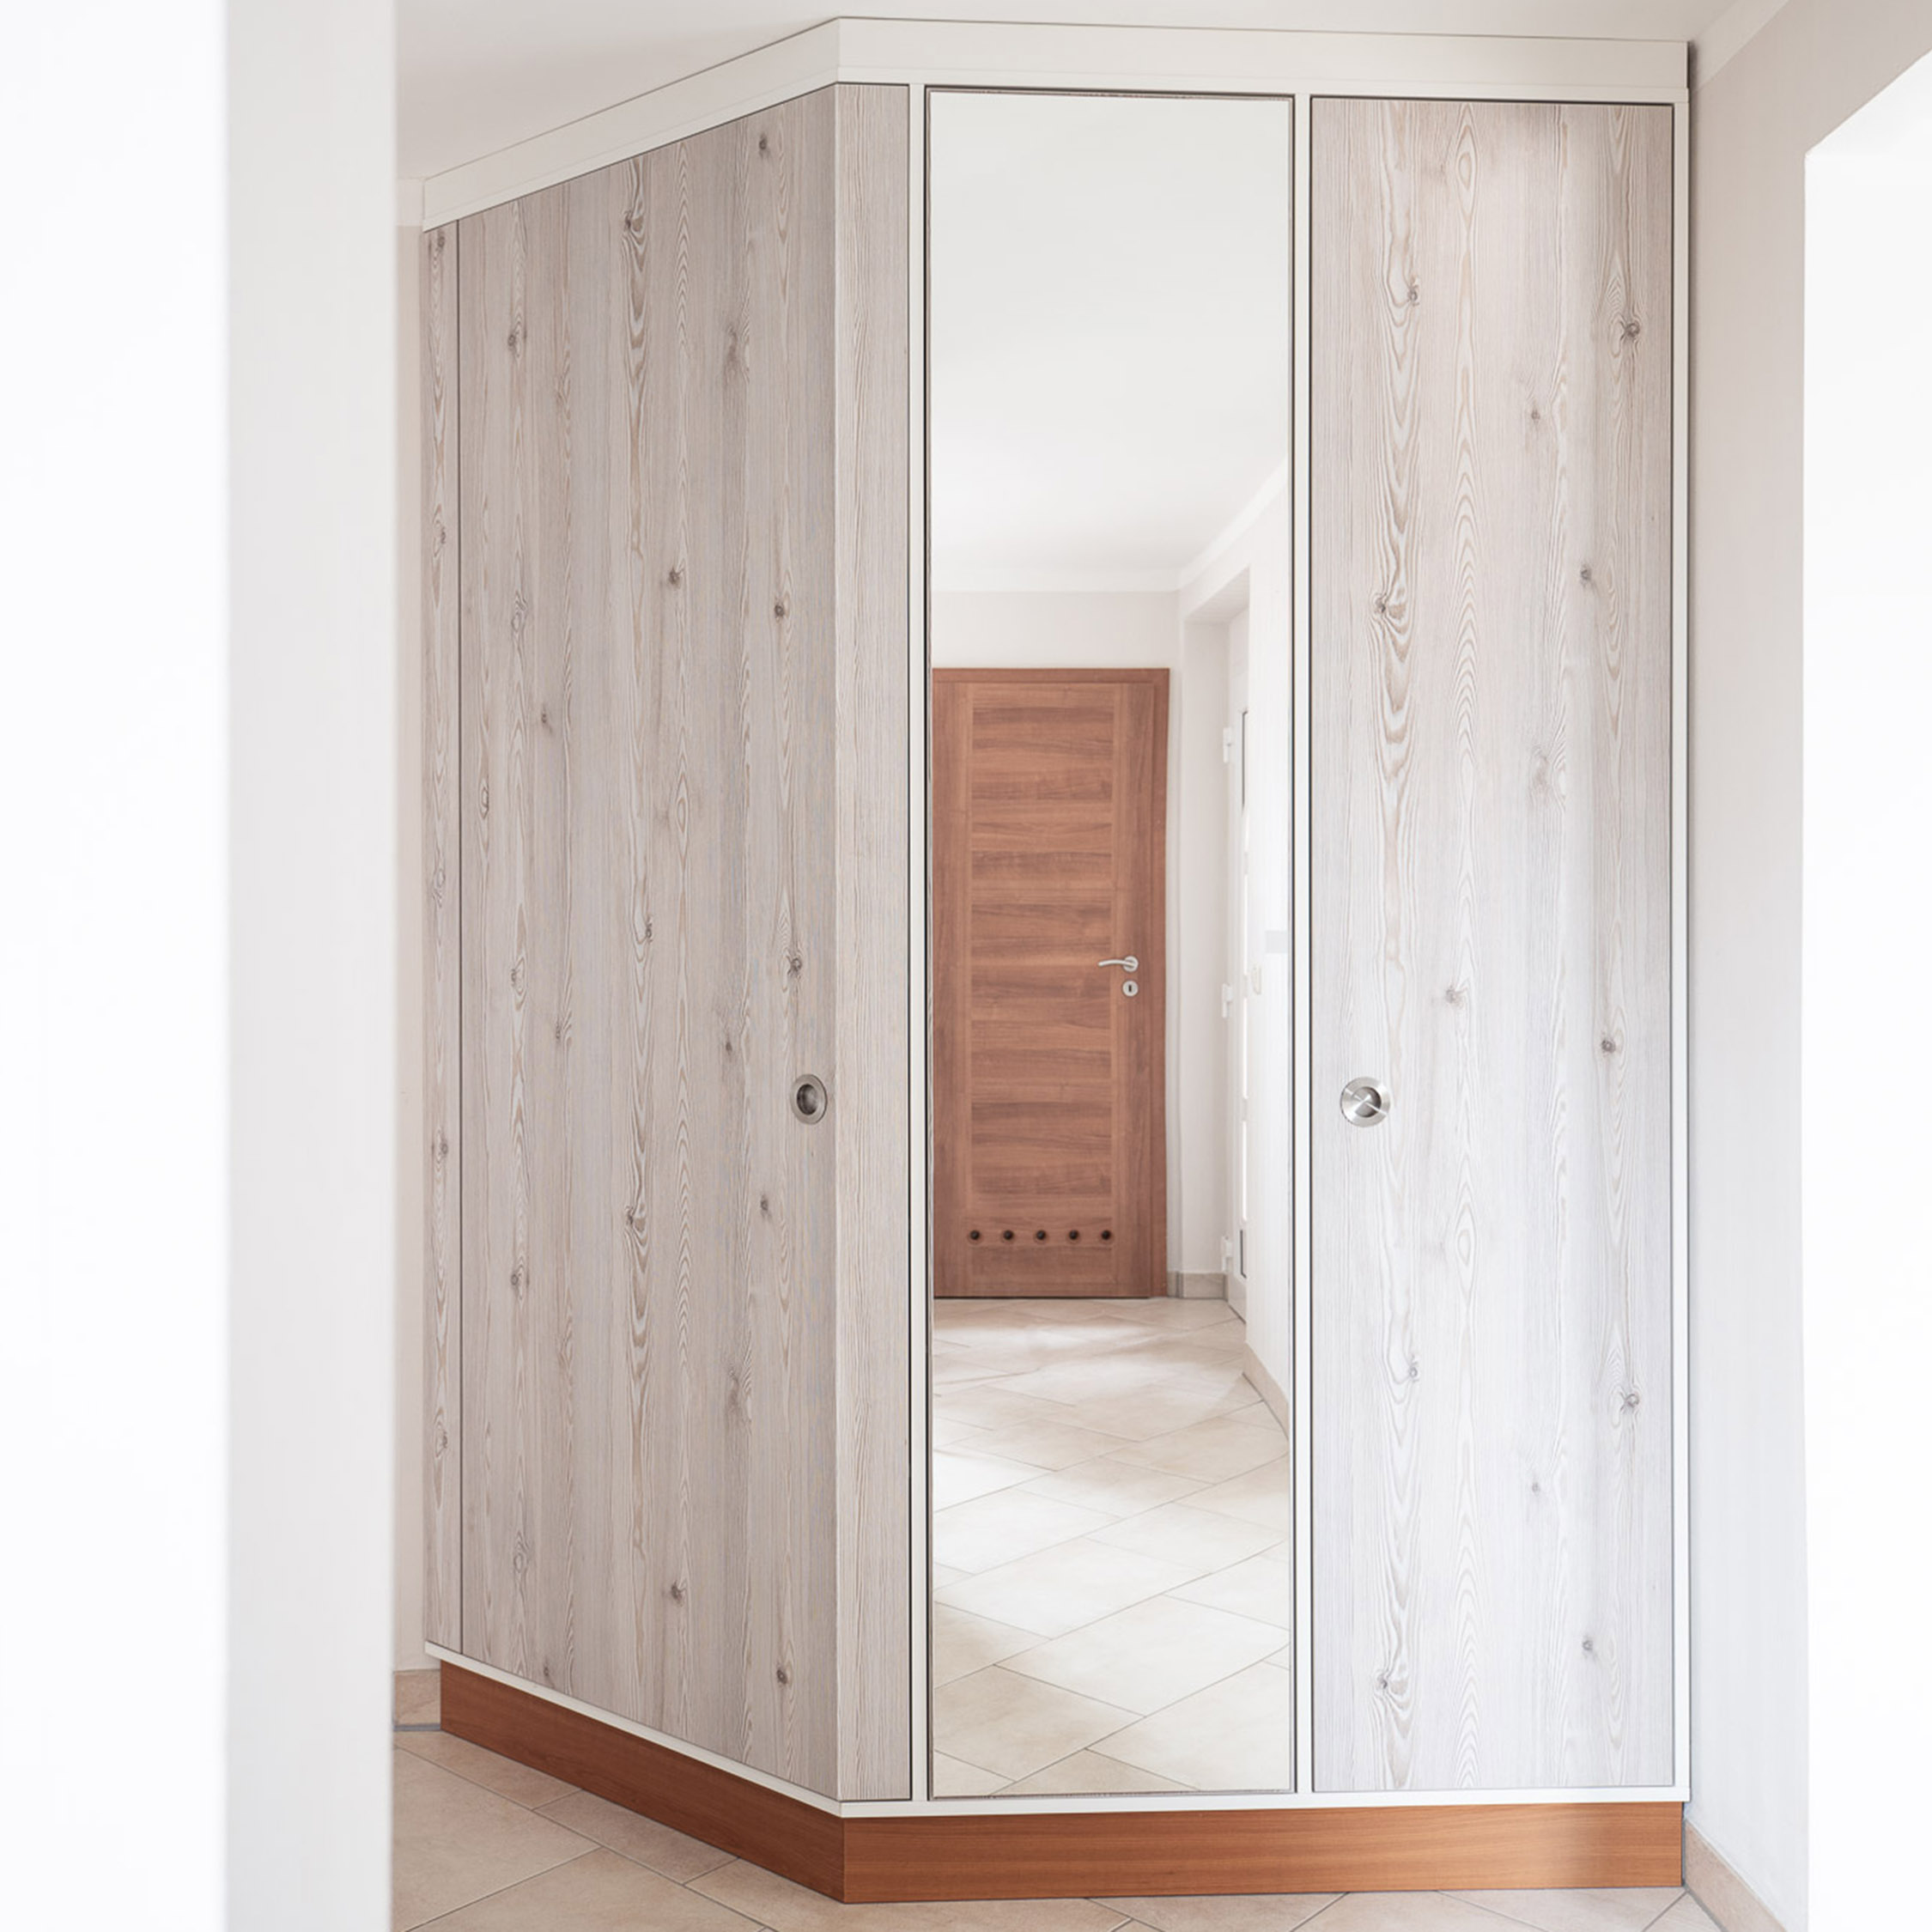 Räumlichkeiten optimal nutzen mit individuellen Möbel aus der Tischlerei nm pro GmbH in Nünchritz